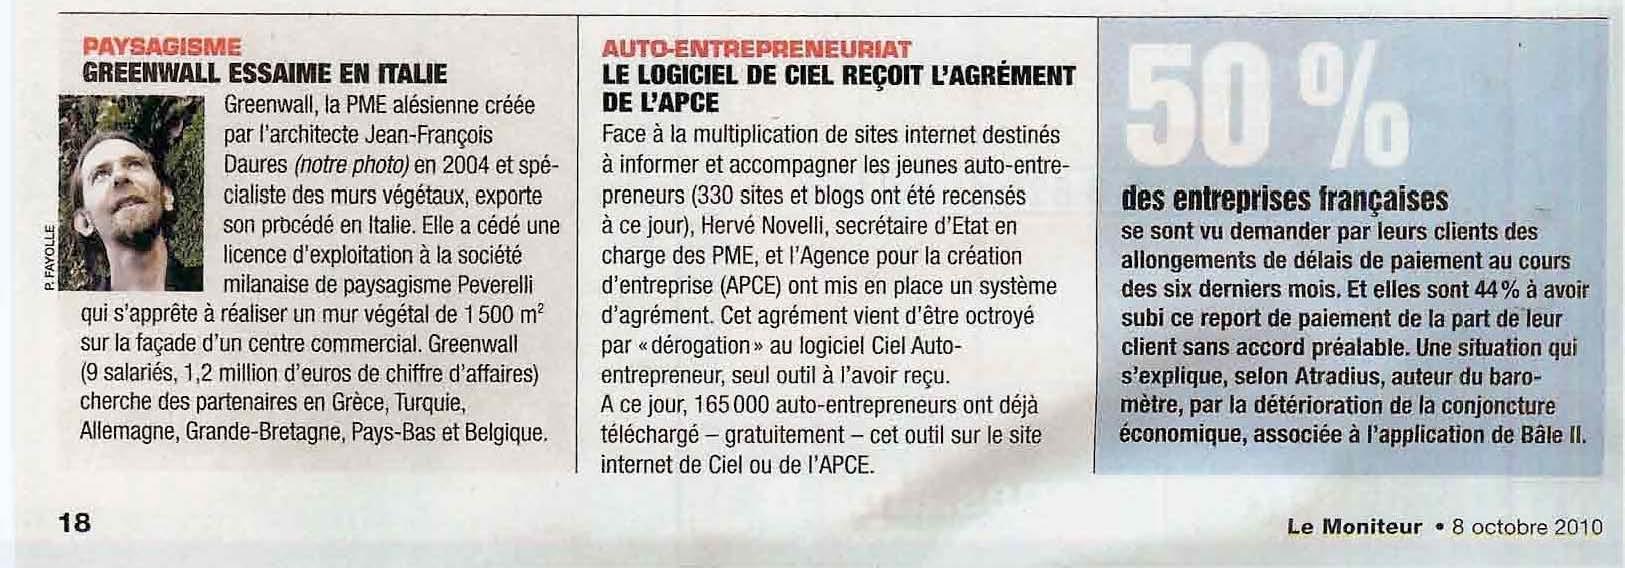 101008 - Le Moniteur 1.jpg